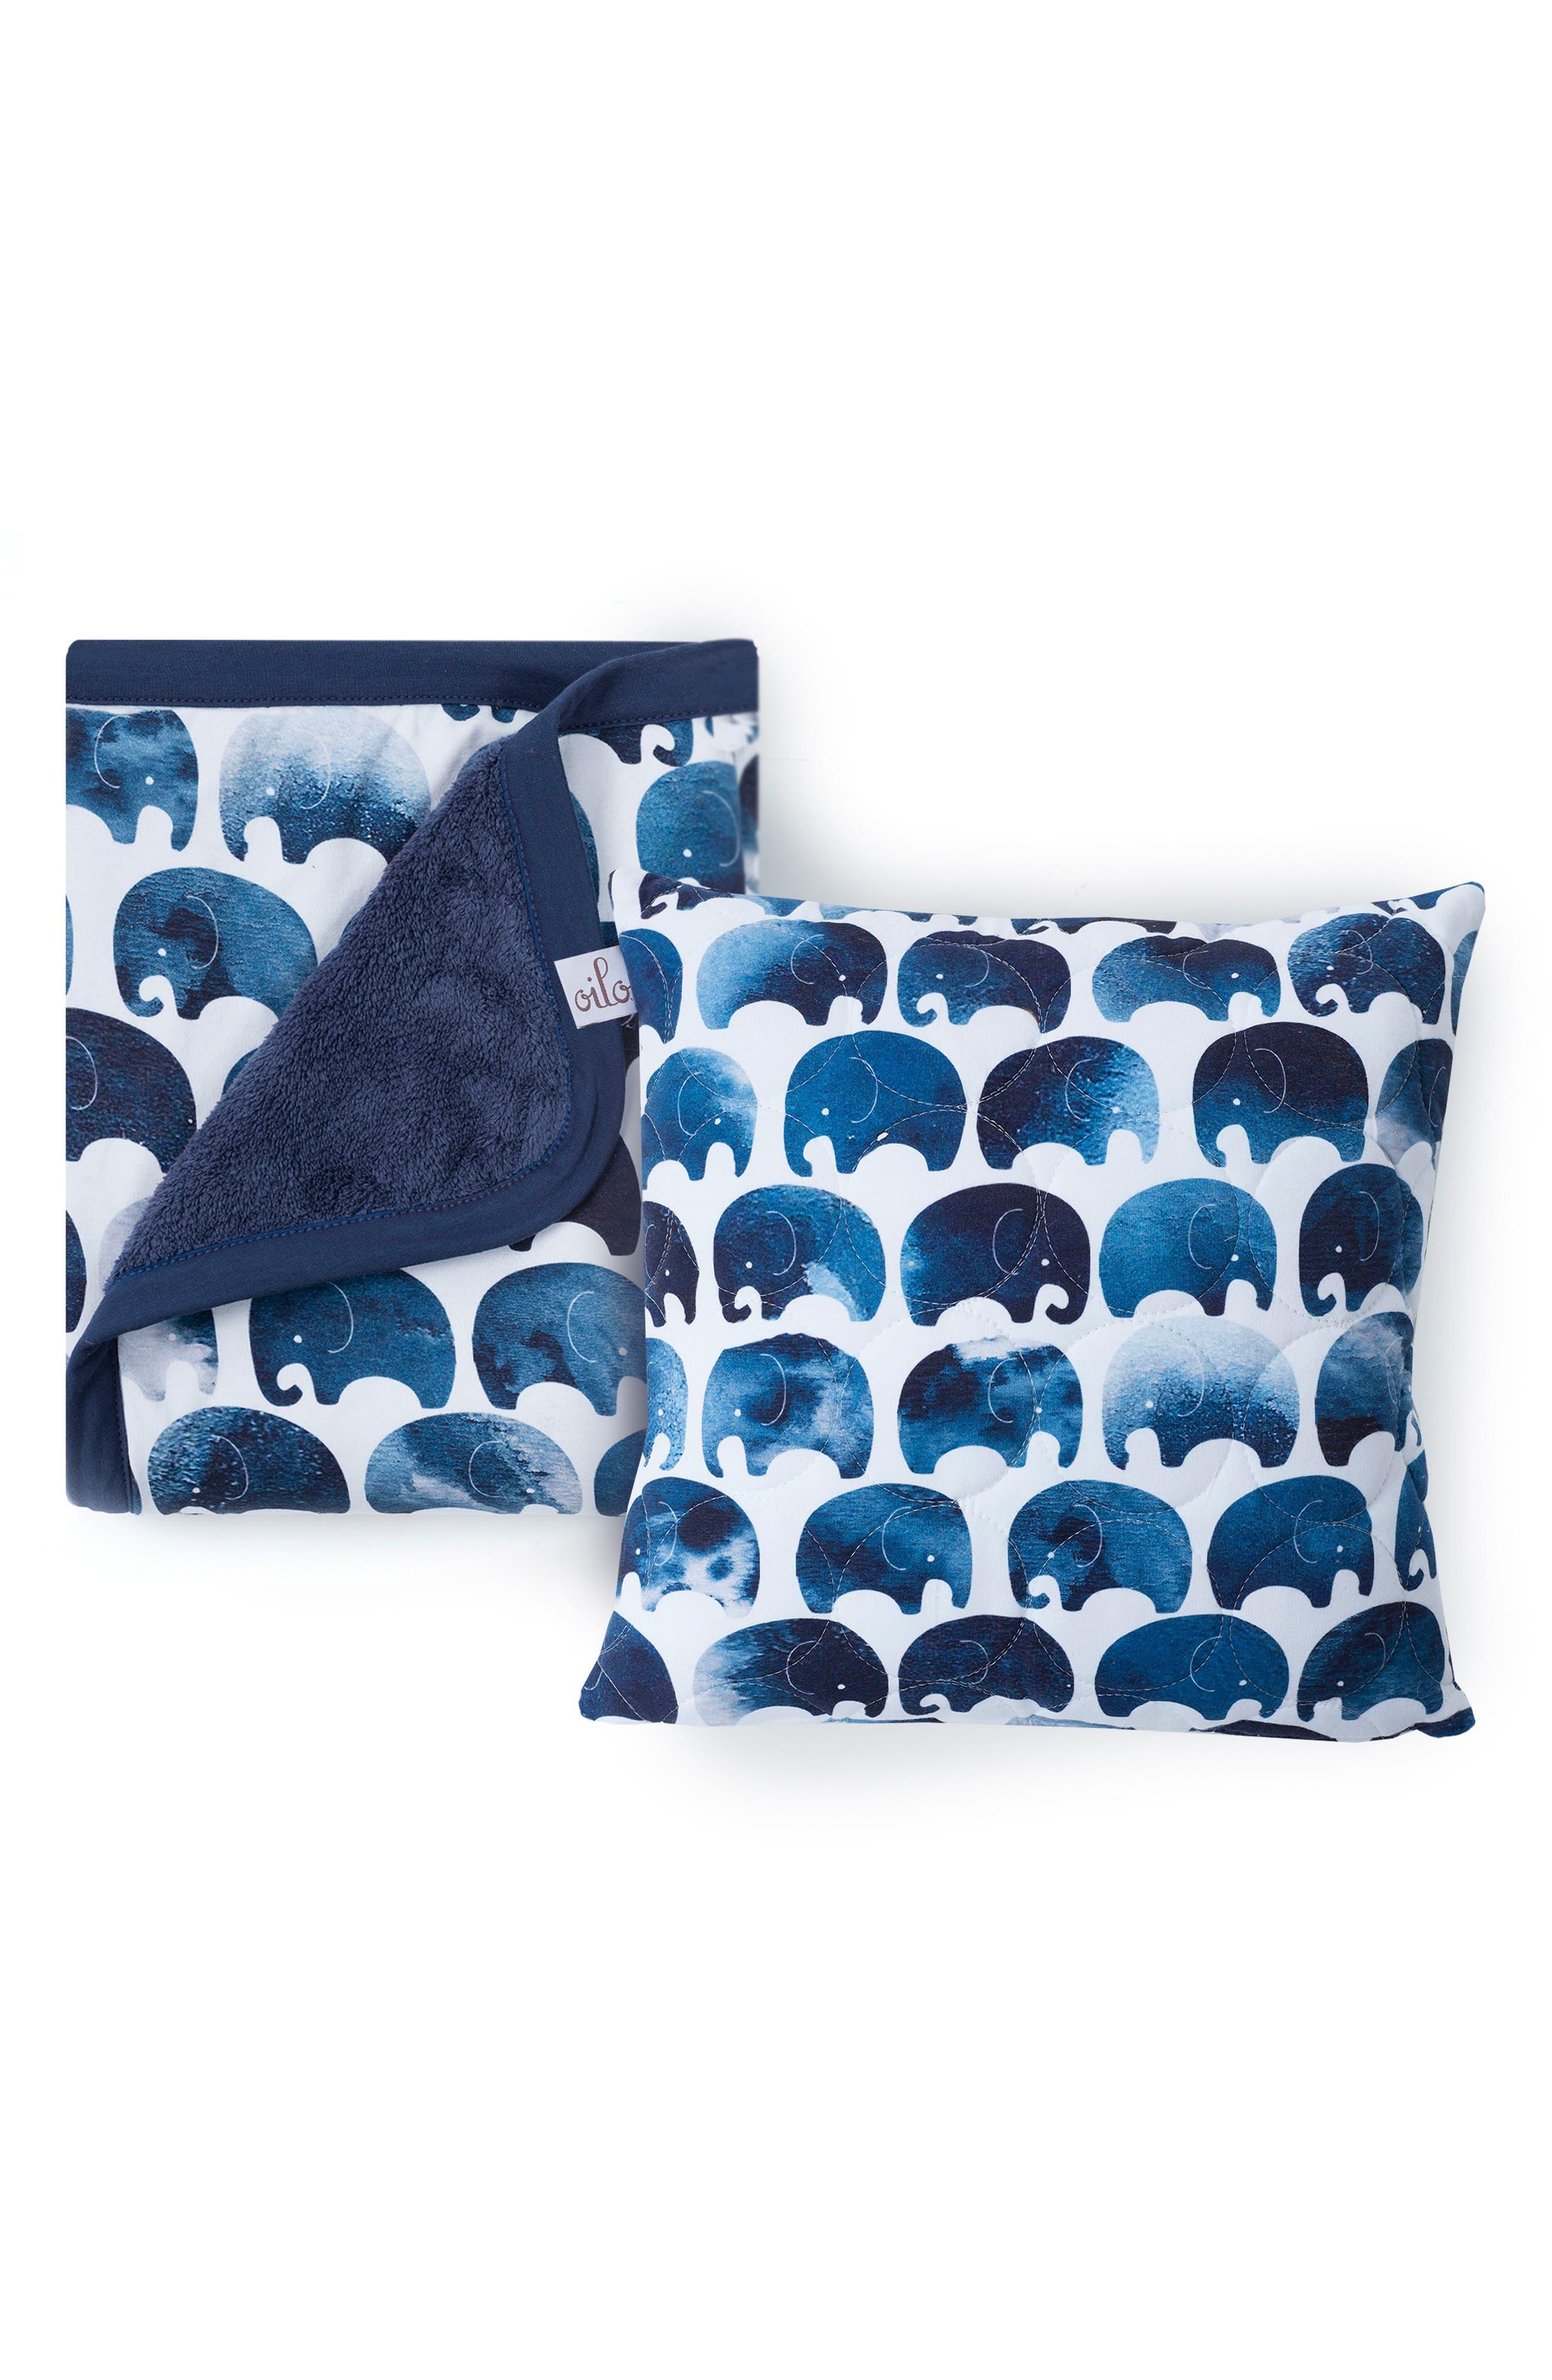 Elefant Blanket & Pillow Set,                             Main thumbnail 1, color,                             ELEFANT